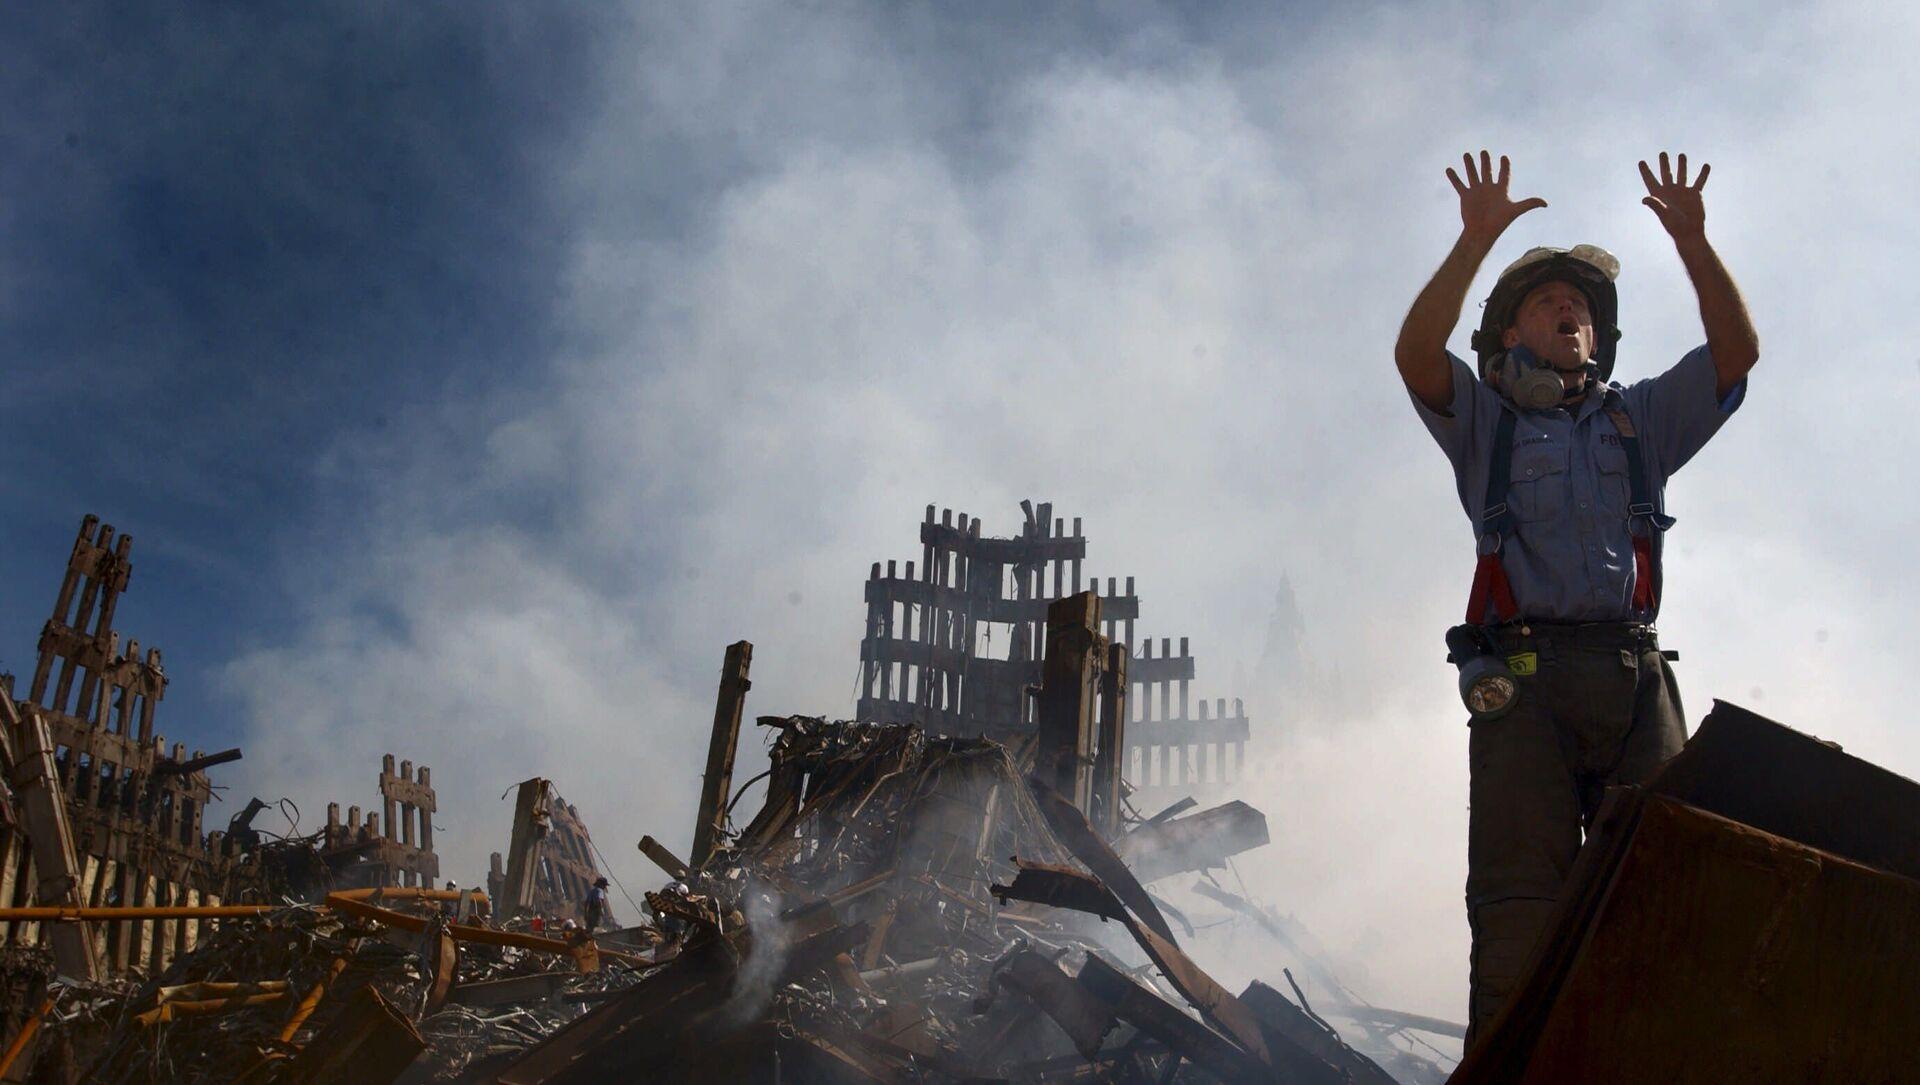 Пожарный на месте теракта 11 сентября 2001 года в Нью-Йорке - Sputnik Azərbaycan, 1920, 06.09.2021